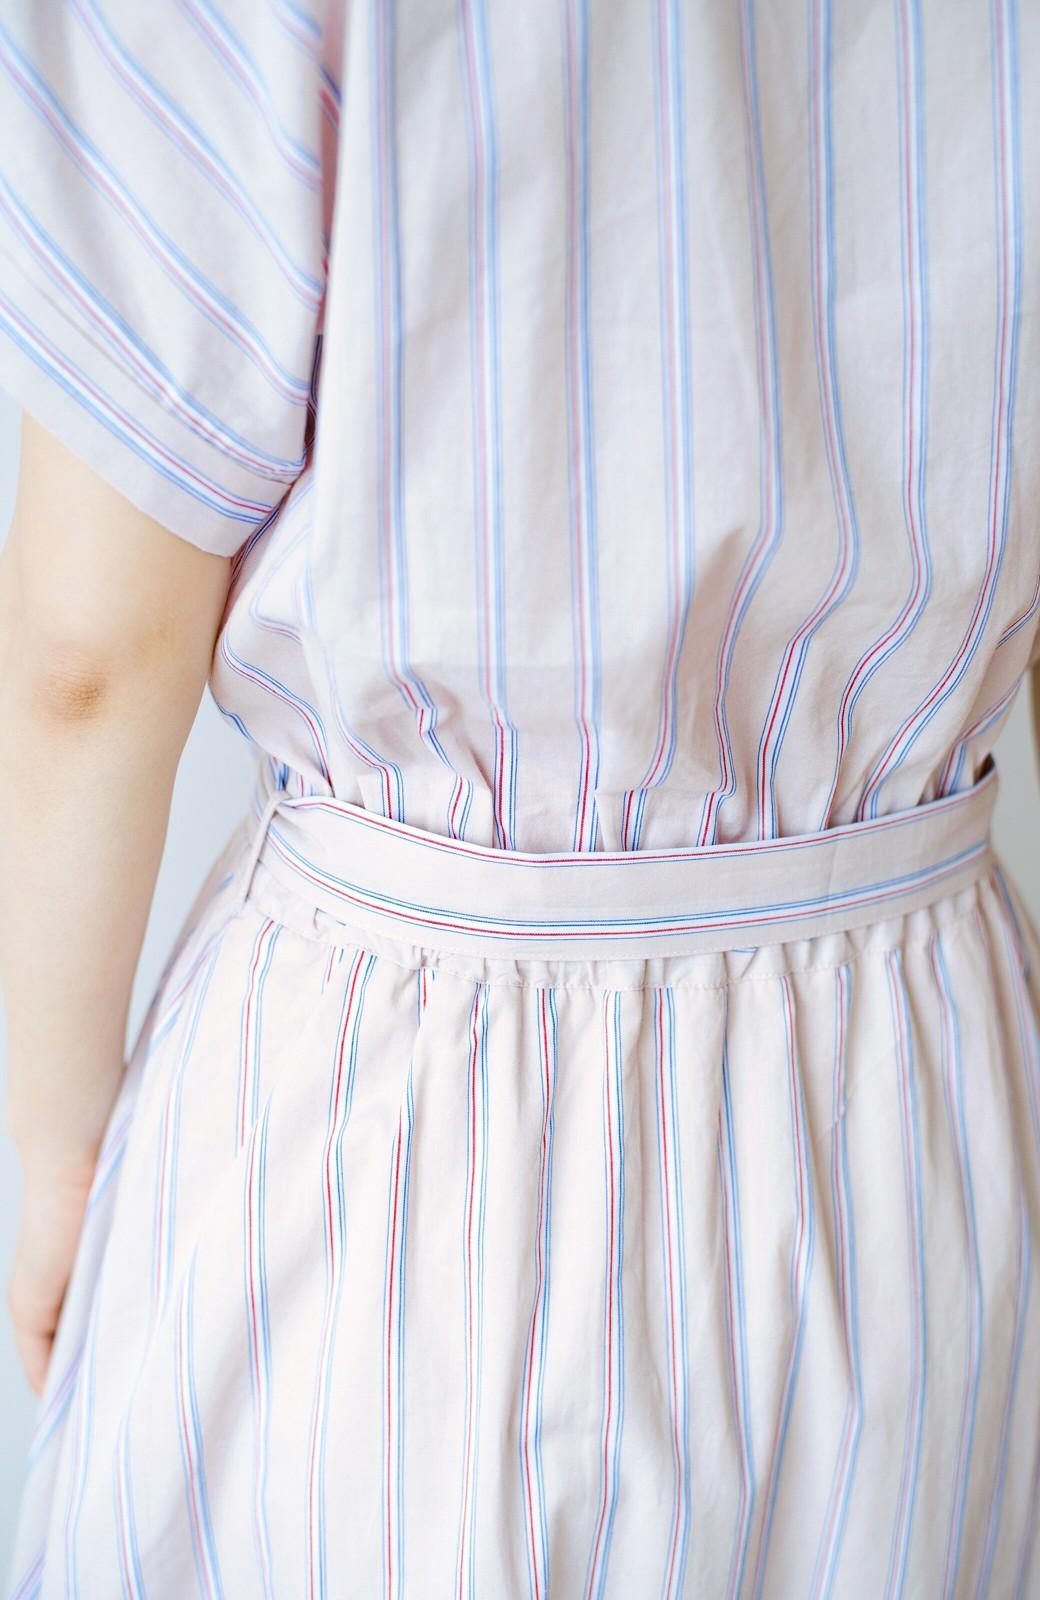 haco! お仕事にもデートにも!ウエストリボンで印象チェンジできるシャツワンピース <ストライプ>の商品写真8